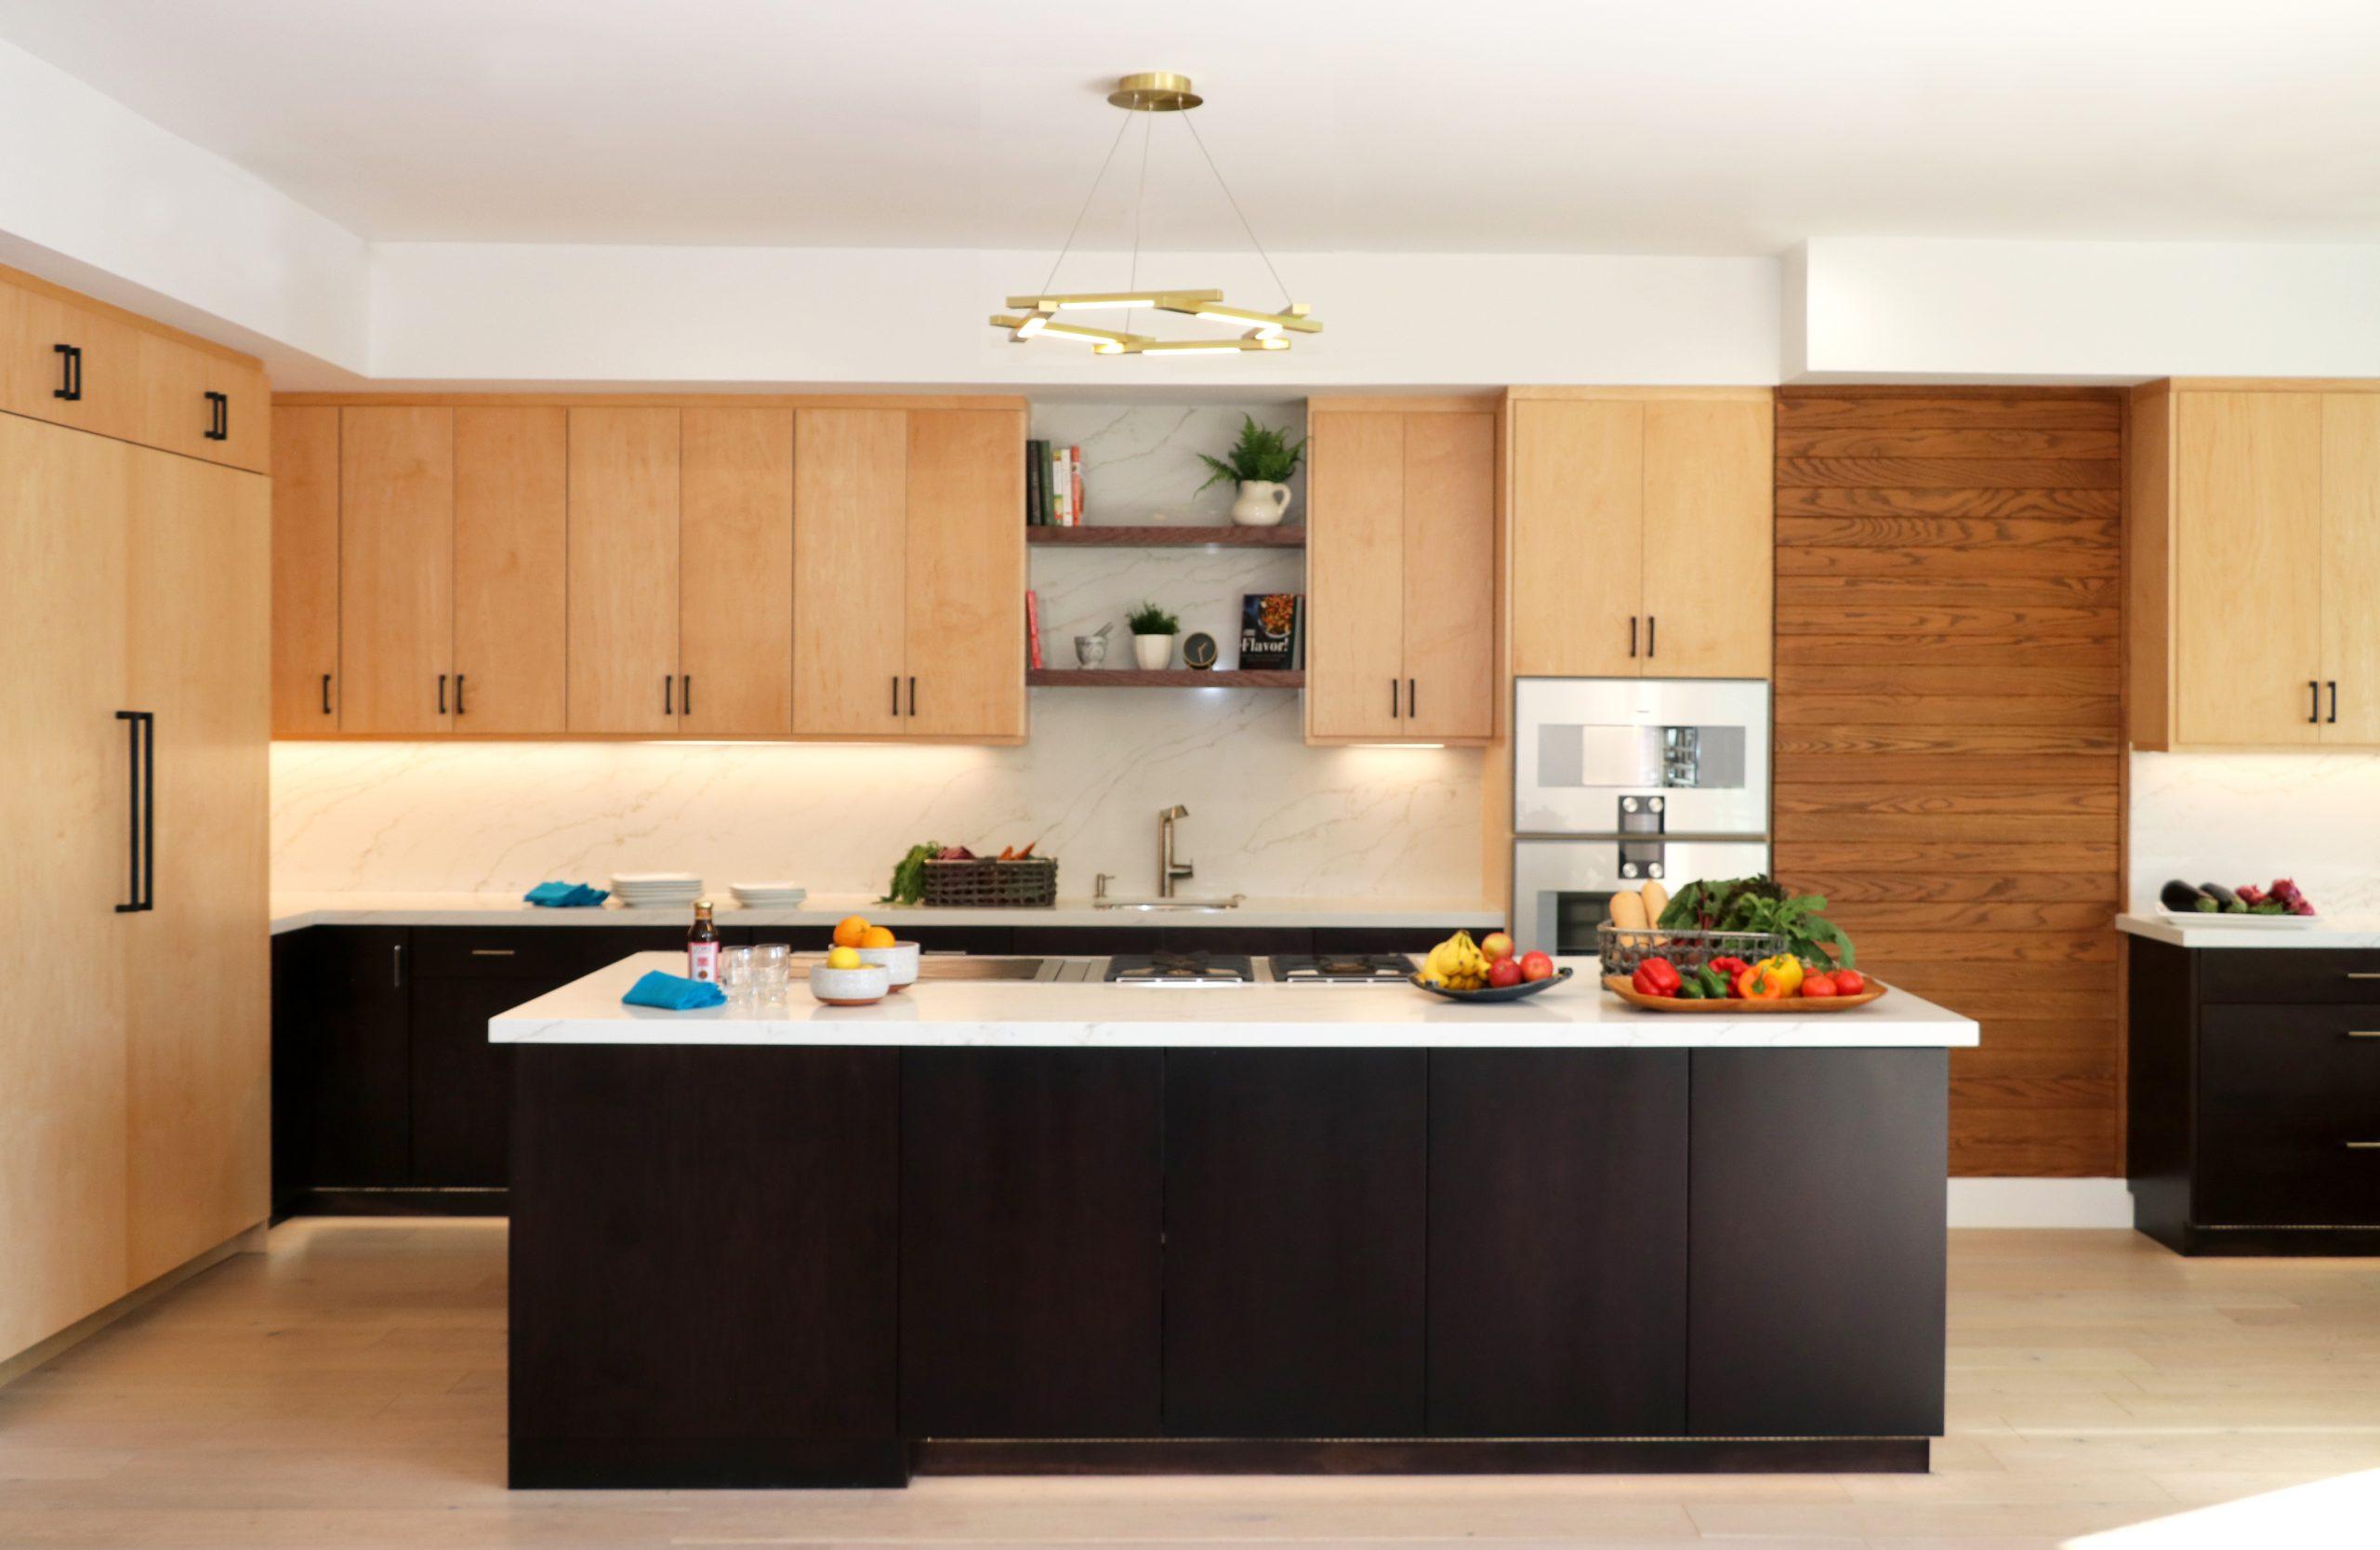 FOK kitchen island